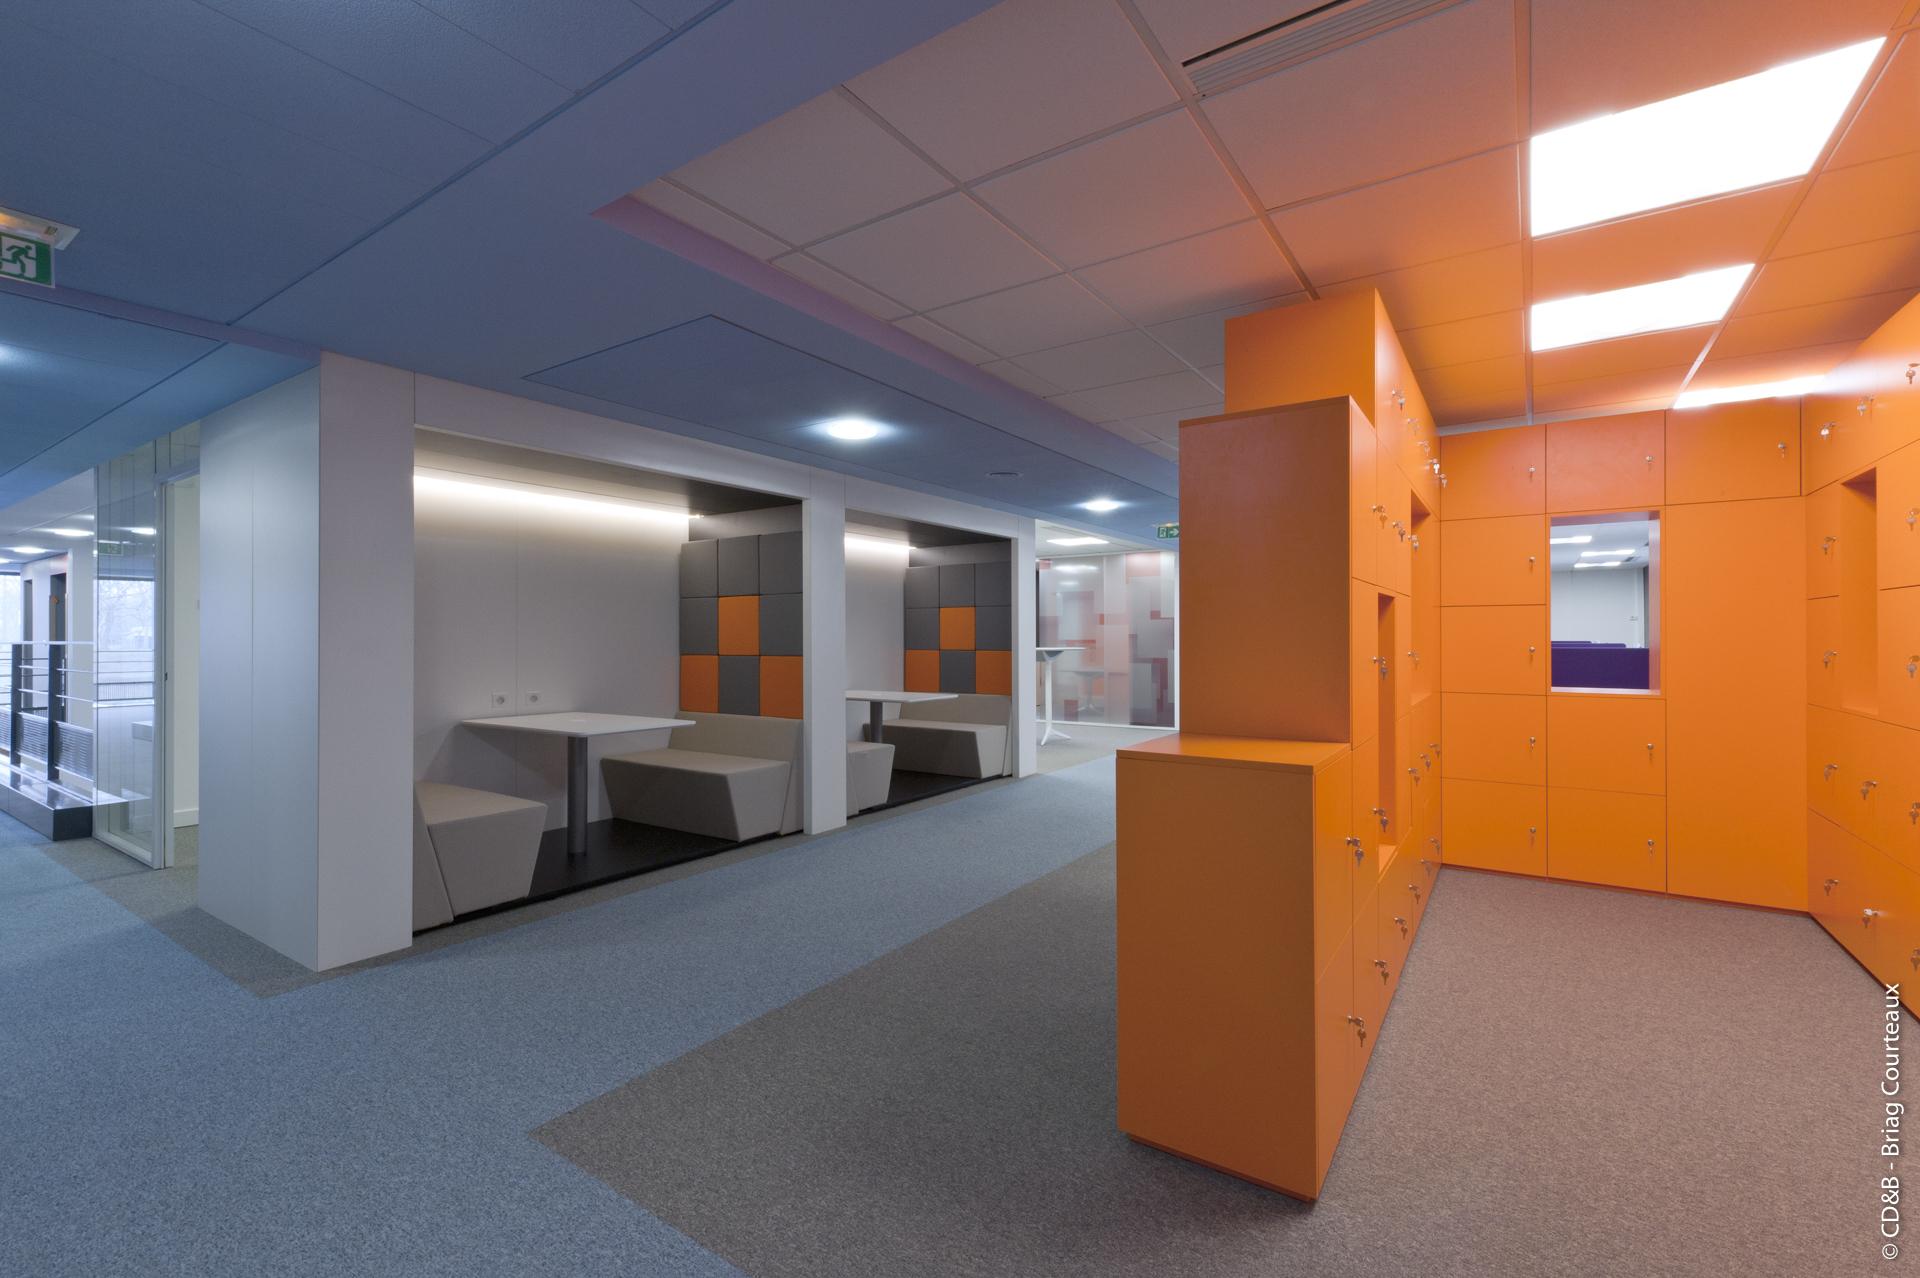 Conseil, aménagement, conception et réalisation des espaces de la société ECONOCOM par CDB, Meet you there.